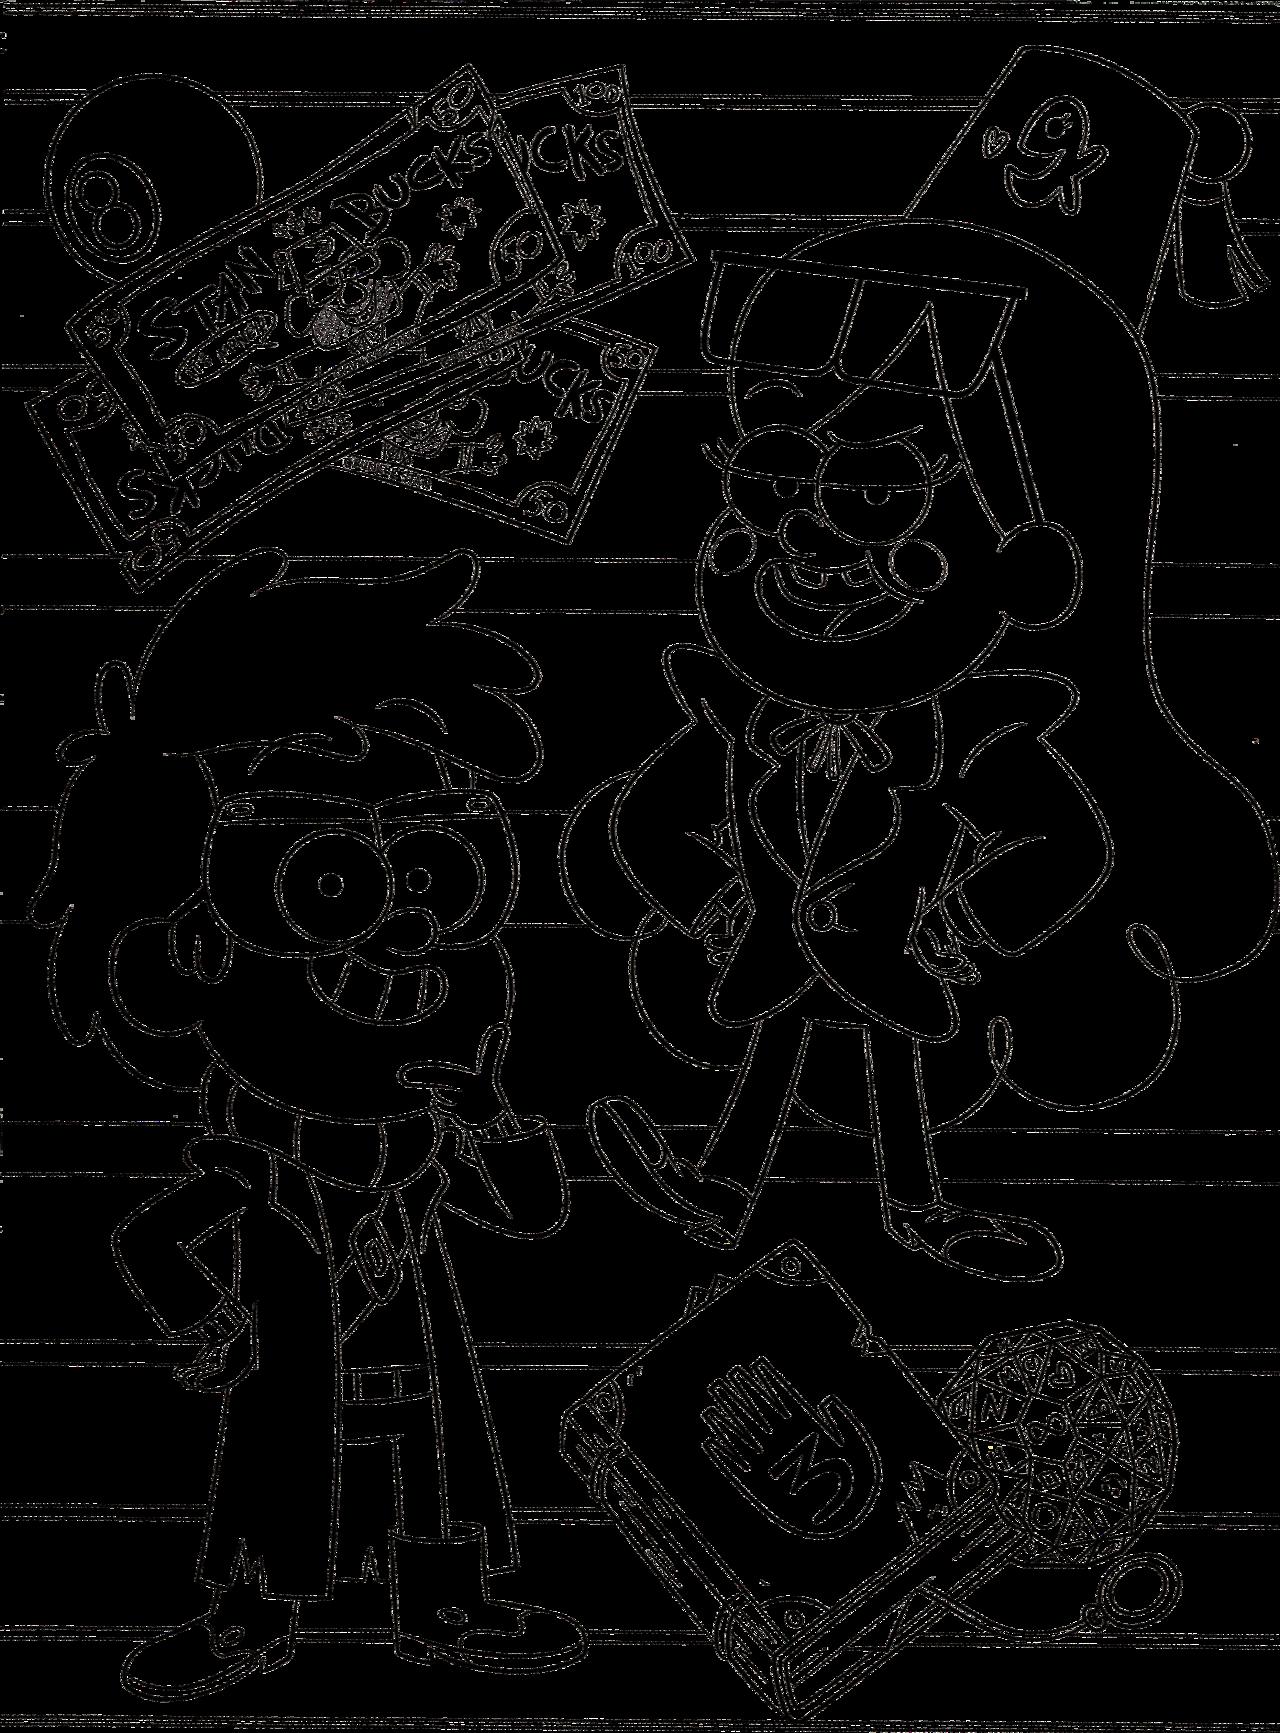 диппер и мэйбл в образах стэна и форда раскраски гравити